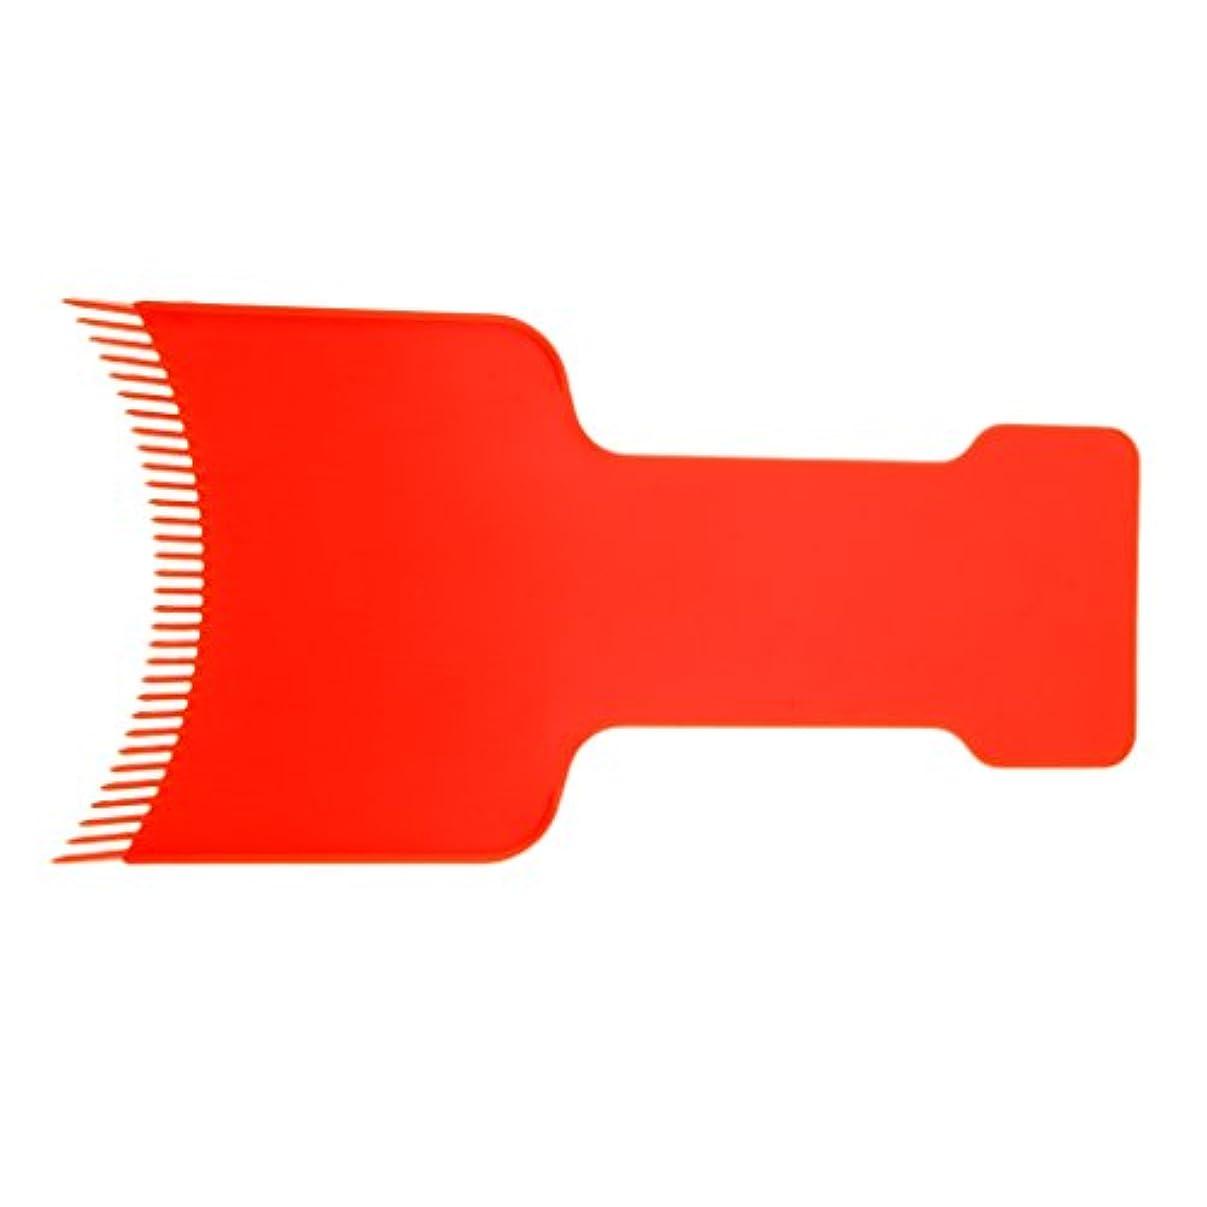 キャリッジ多用途論理的にToygogo サロンヘアカラーボード|染毛剤プレート|理髪理髪ヘアカラーボード19x9.5 Cm